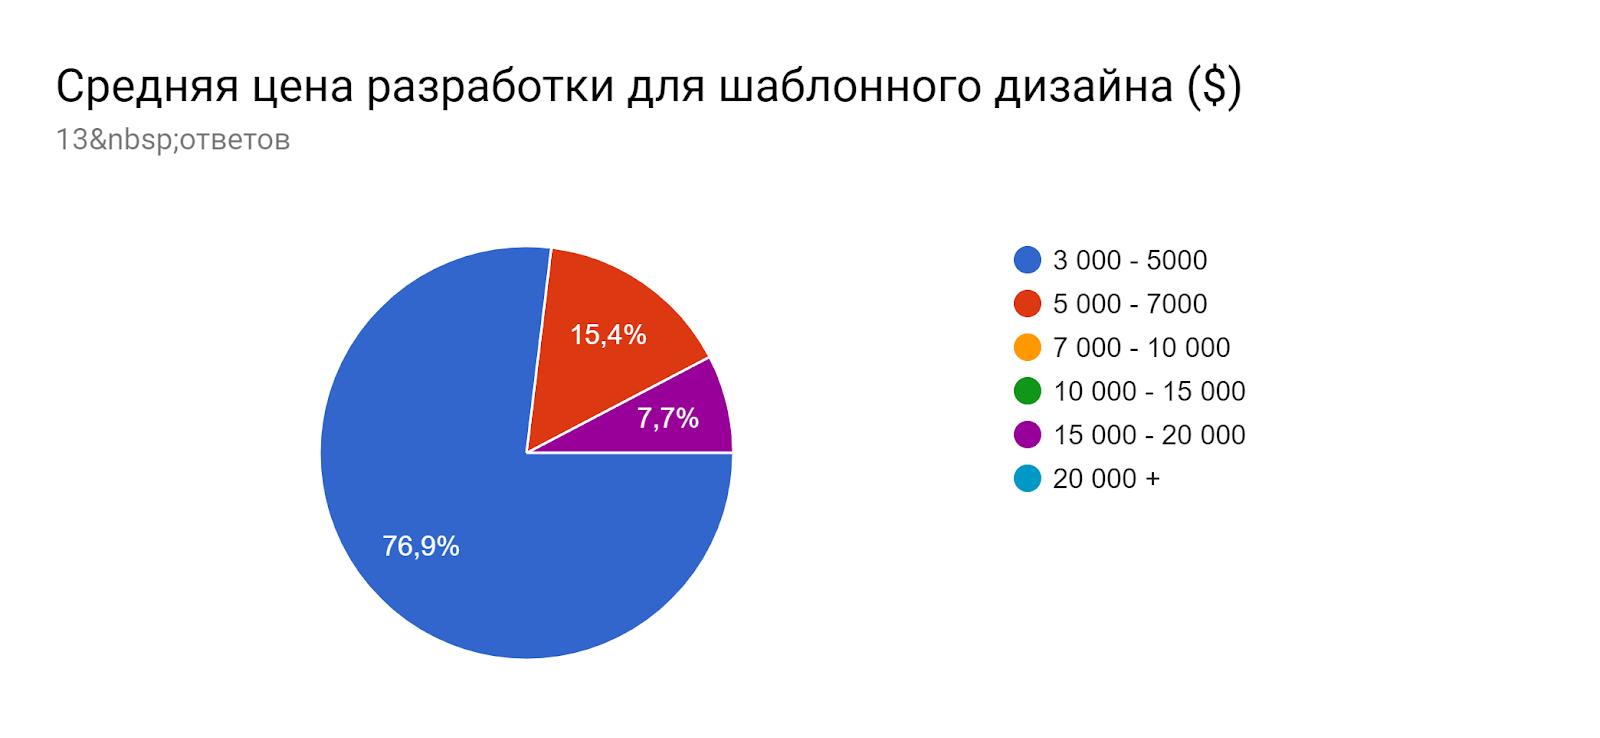 Диаграмма ответов в Формах. Вопрос: Средняя цена разработки для шаблонного дизайна ($). Количество ответов: 13ответов.